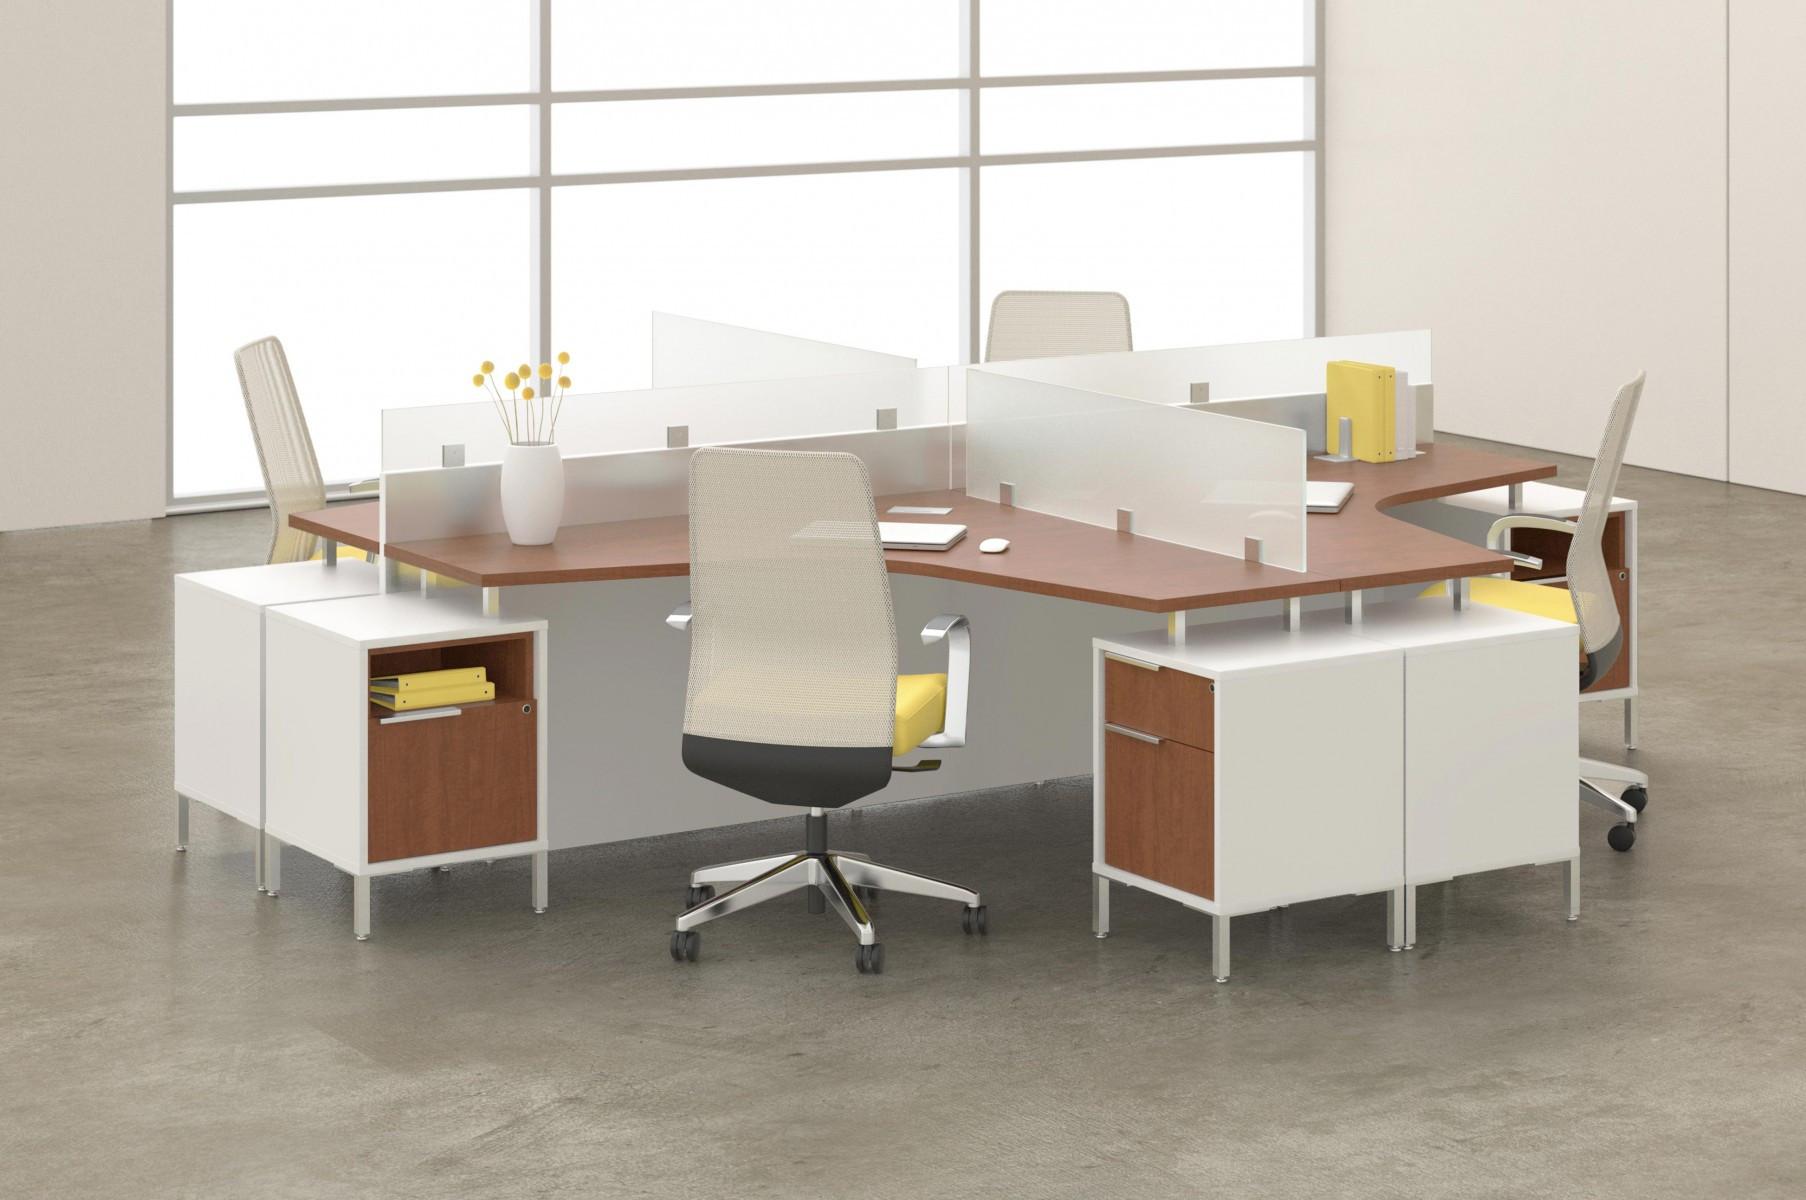 Benchworx Teamworx Officefurniture Desking Benching